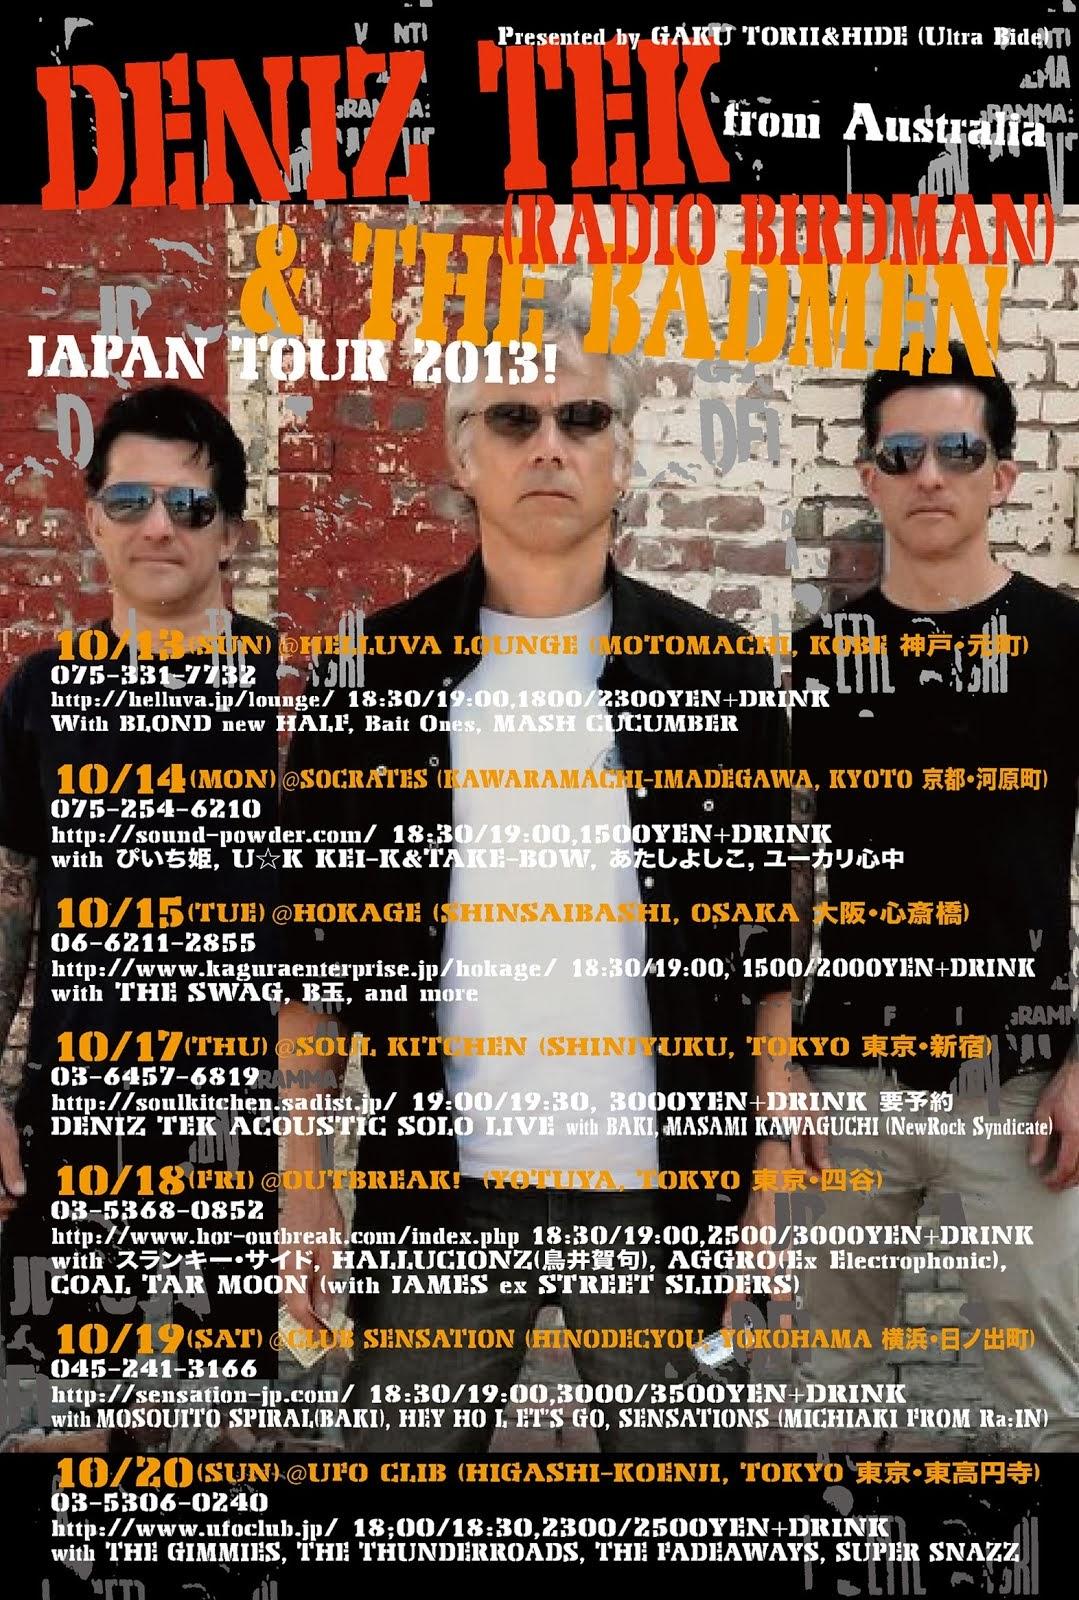 Godoy Japan tour